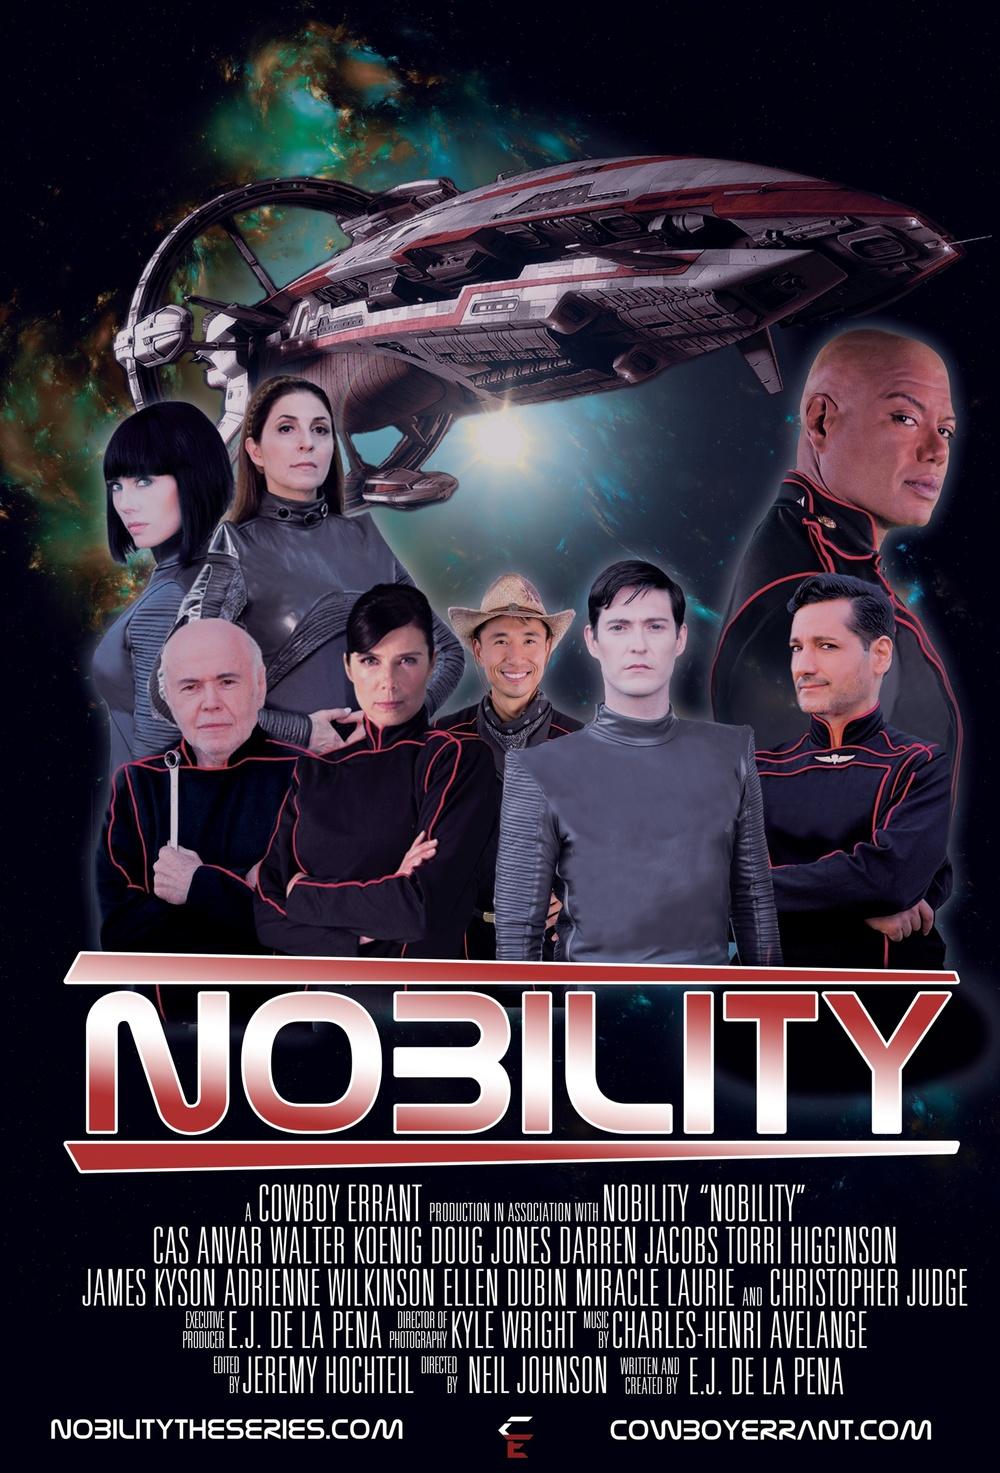 Nobility (2016) Composer